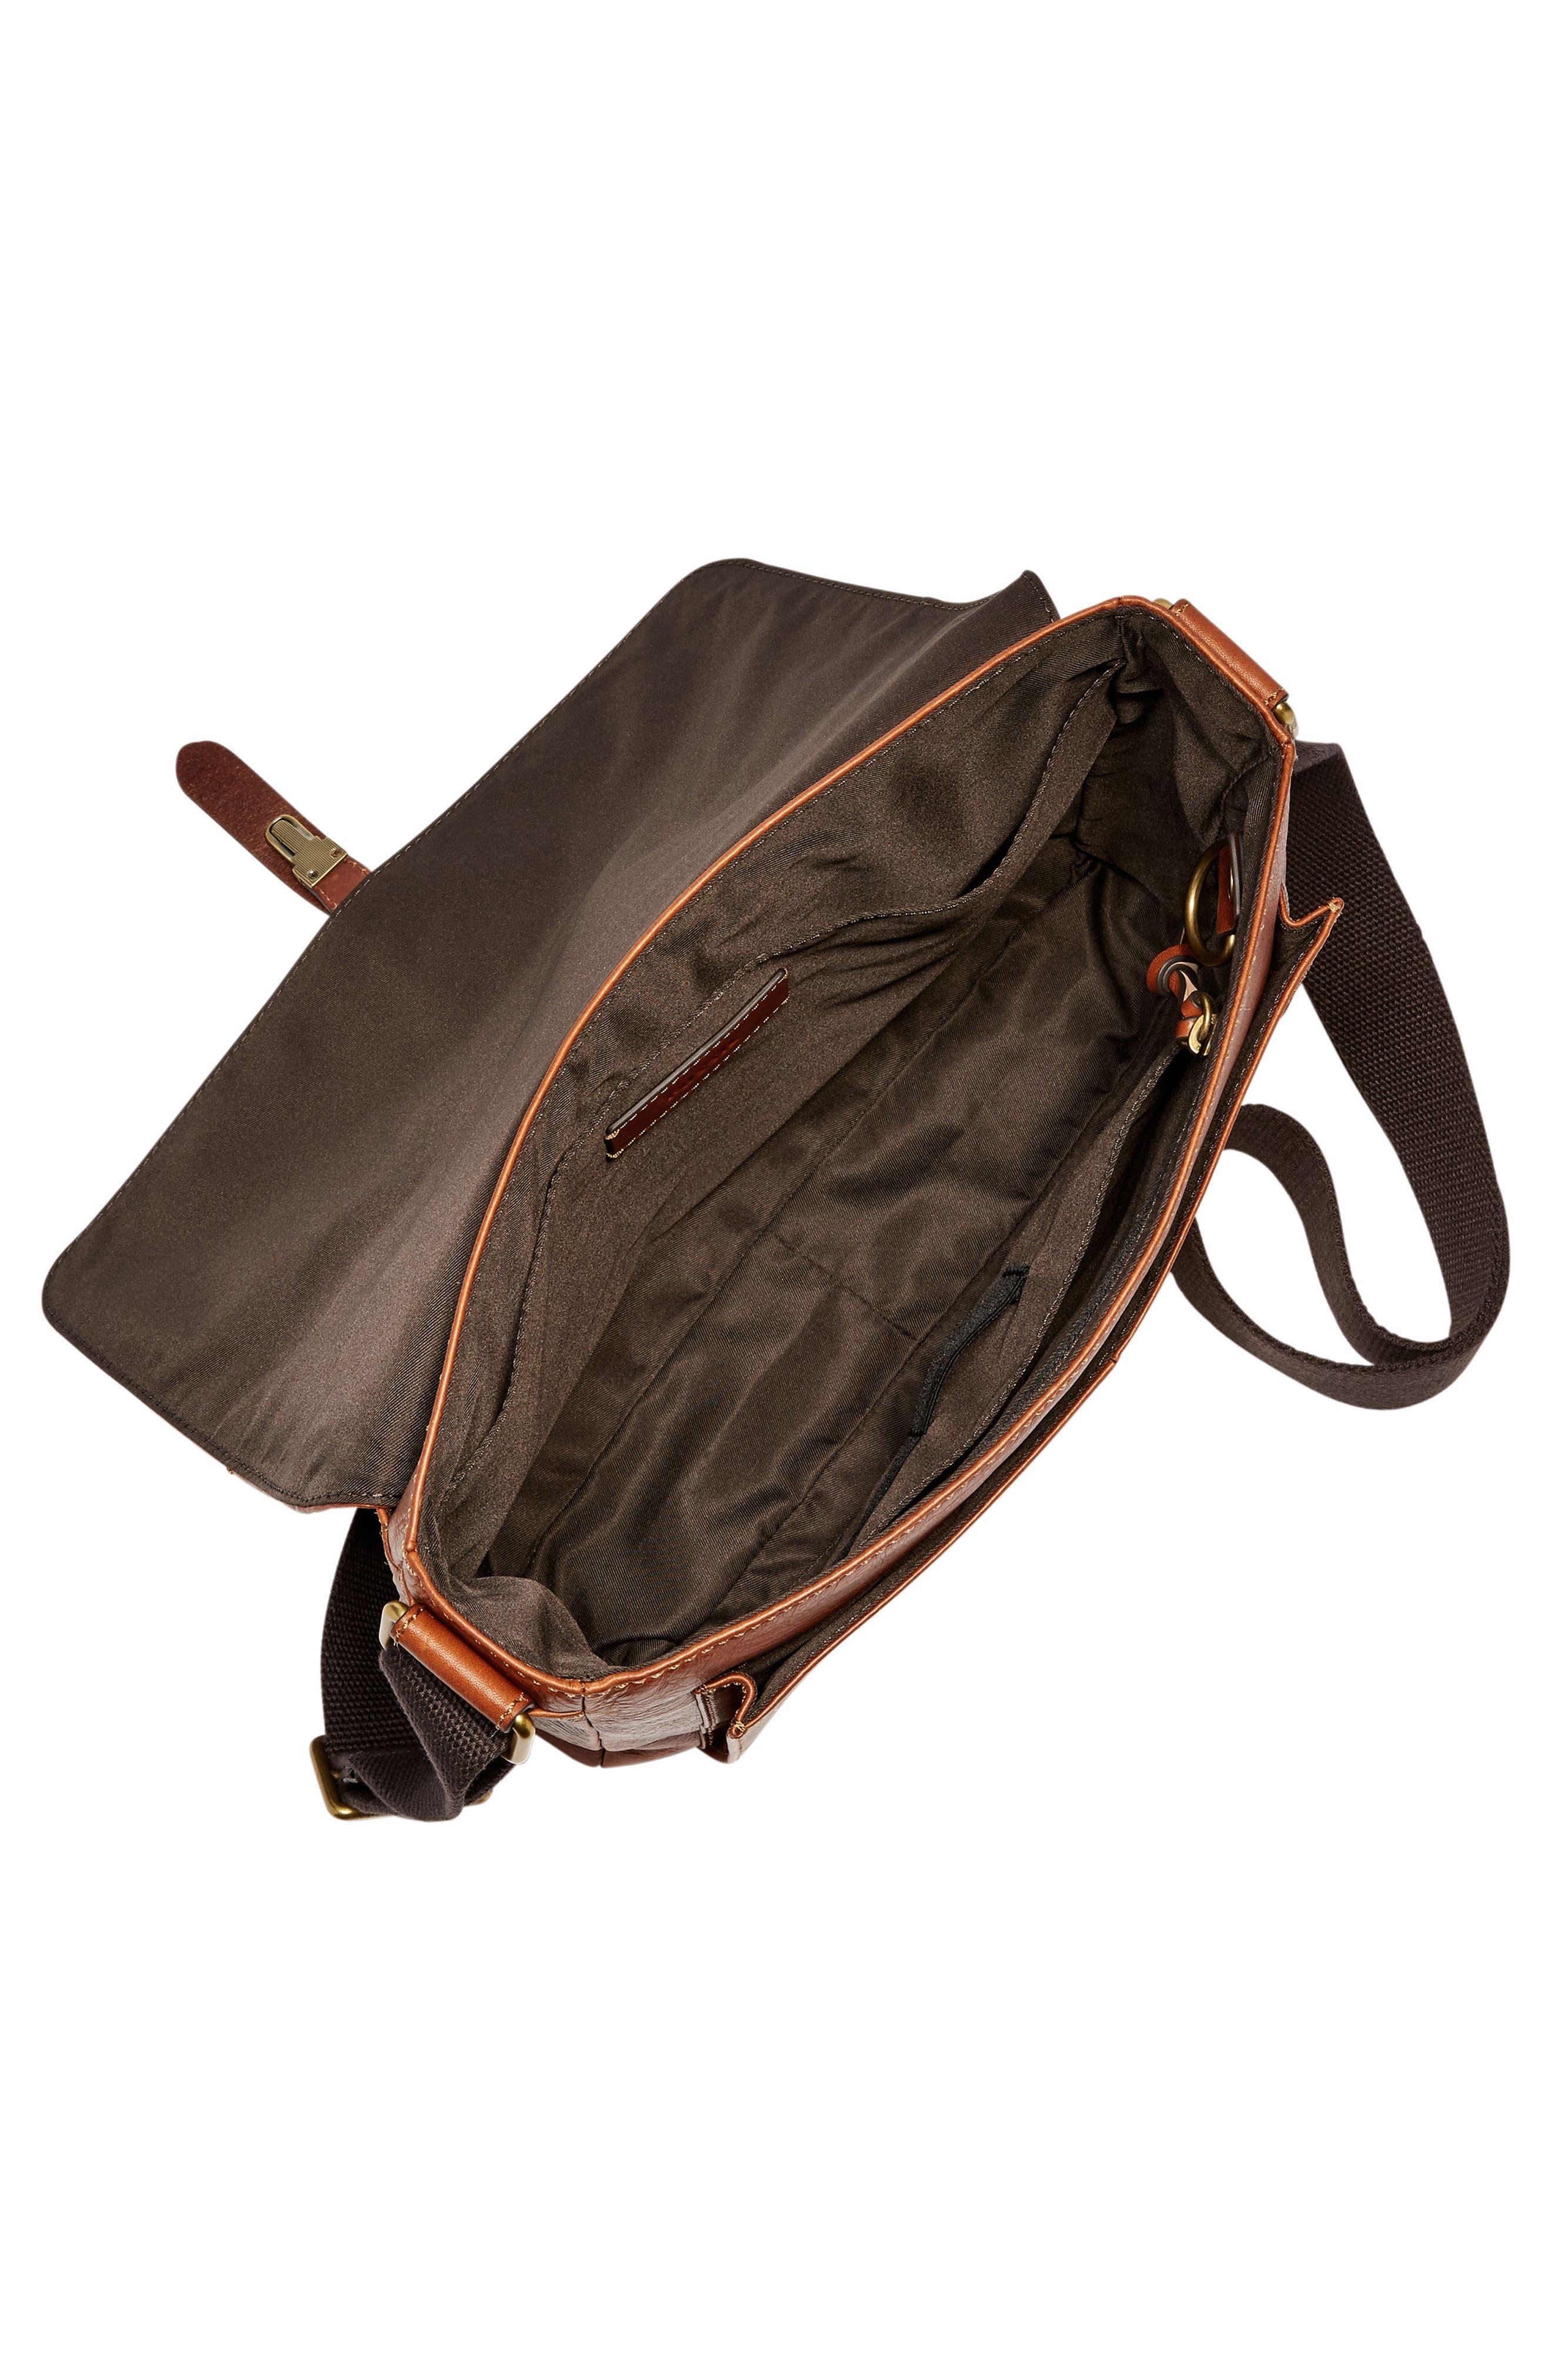 Defender Leather Messenger Bag,                             Alternate thumbnail 3, color,                             202